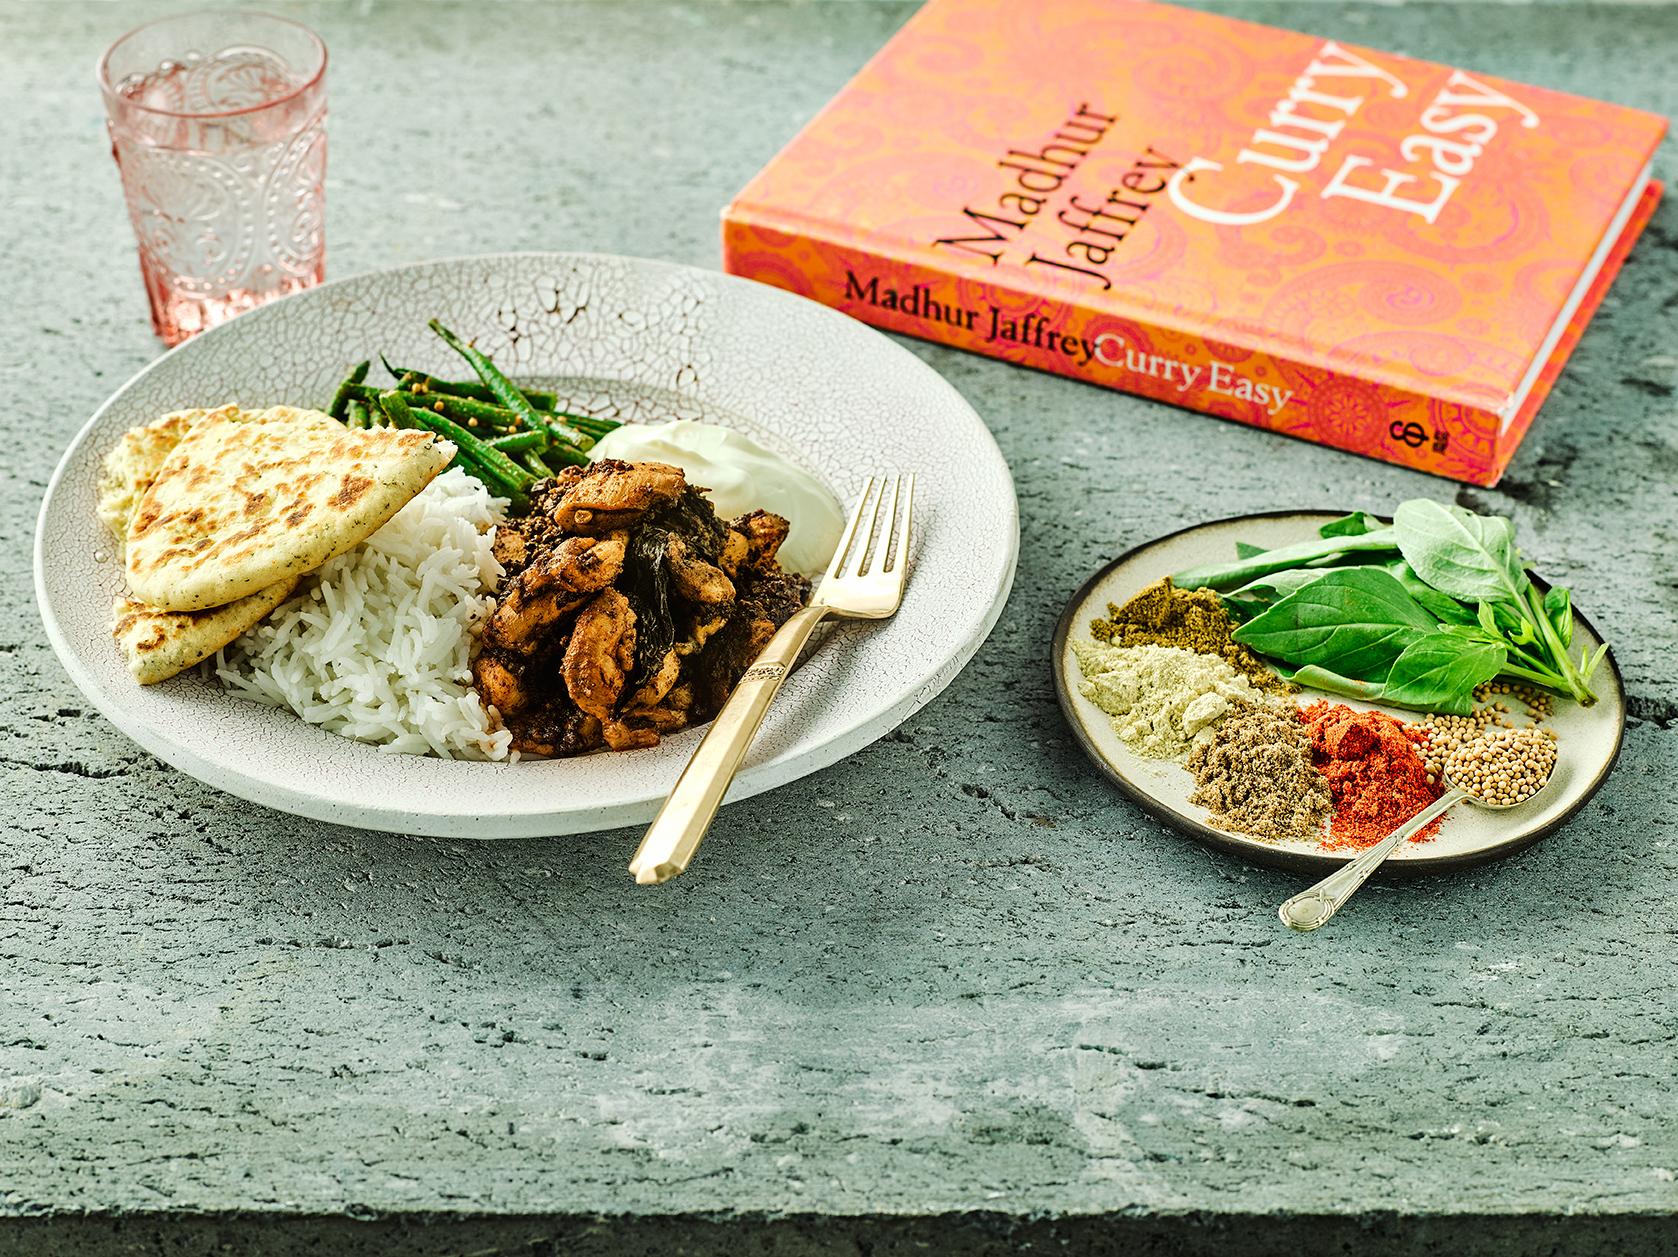 madhur jaffrey chicken vindaloo recipe with spices